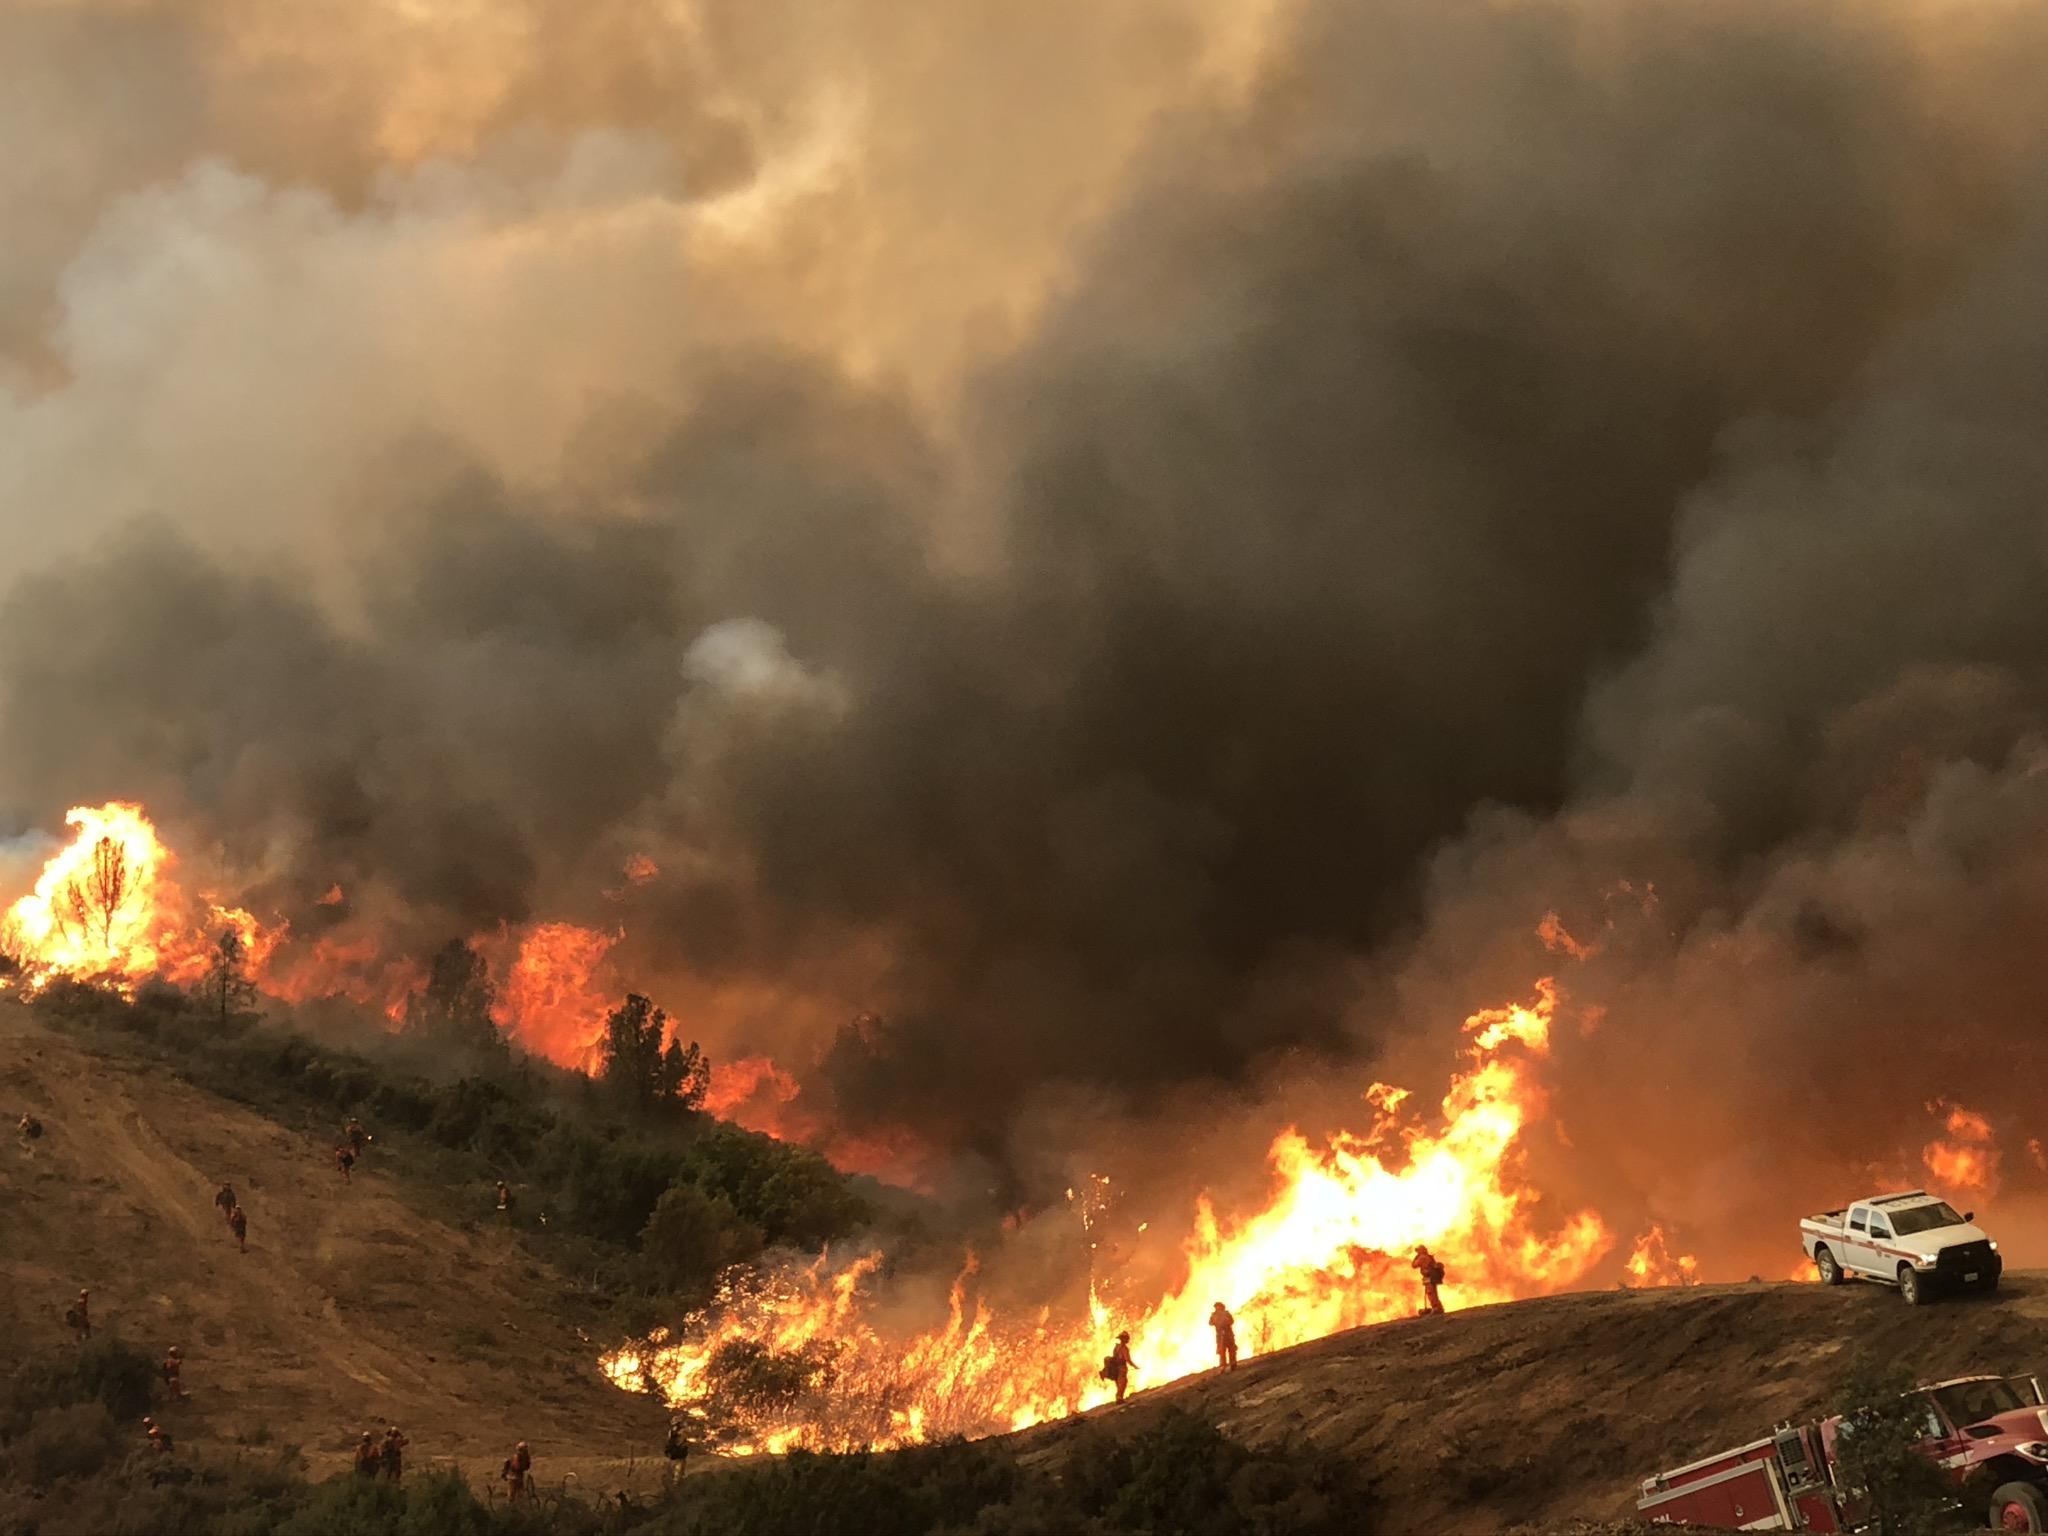 受极端天气影响,山猫野火扑灭日期再次推迟至10月30日